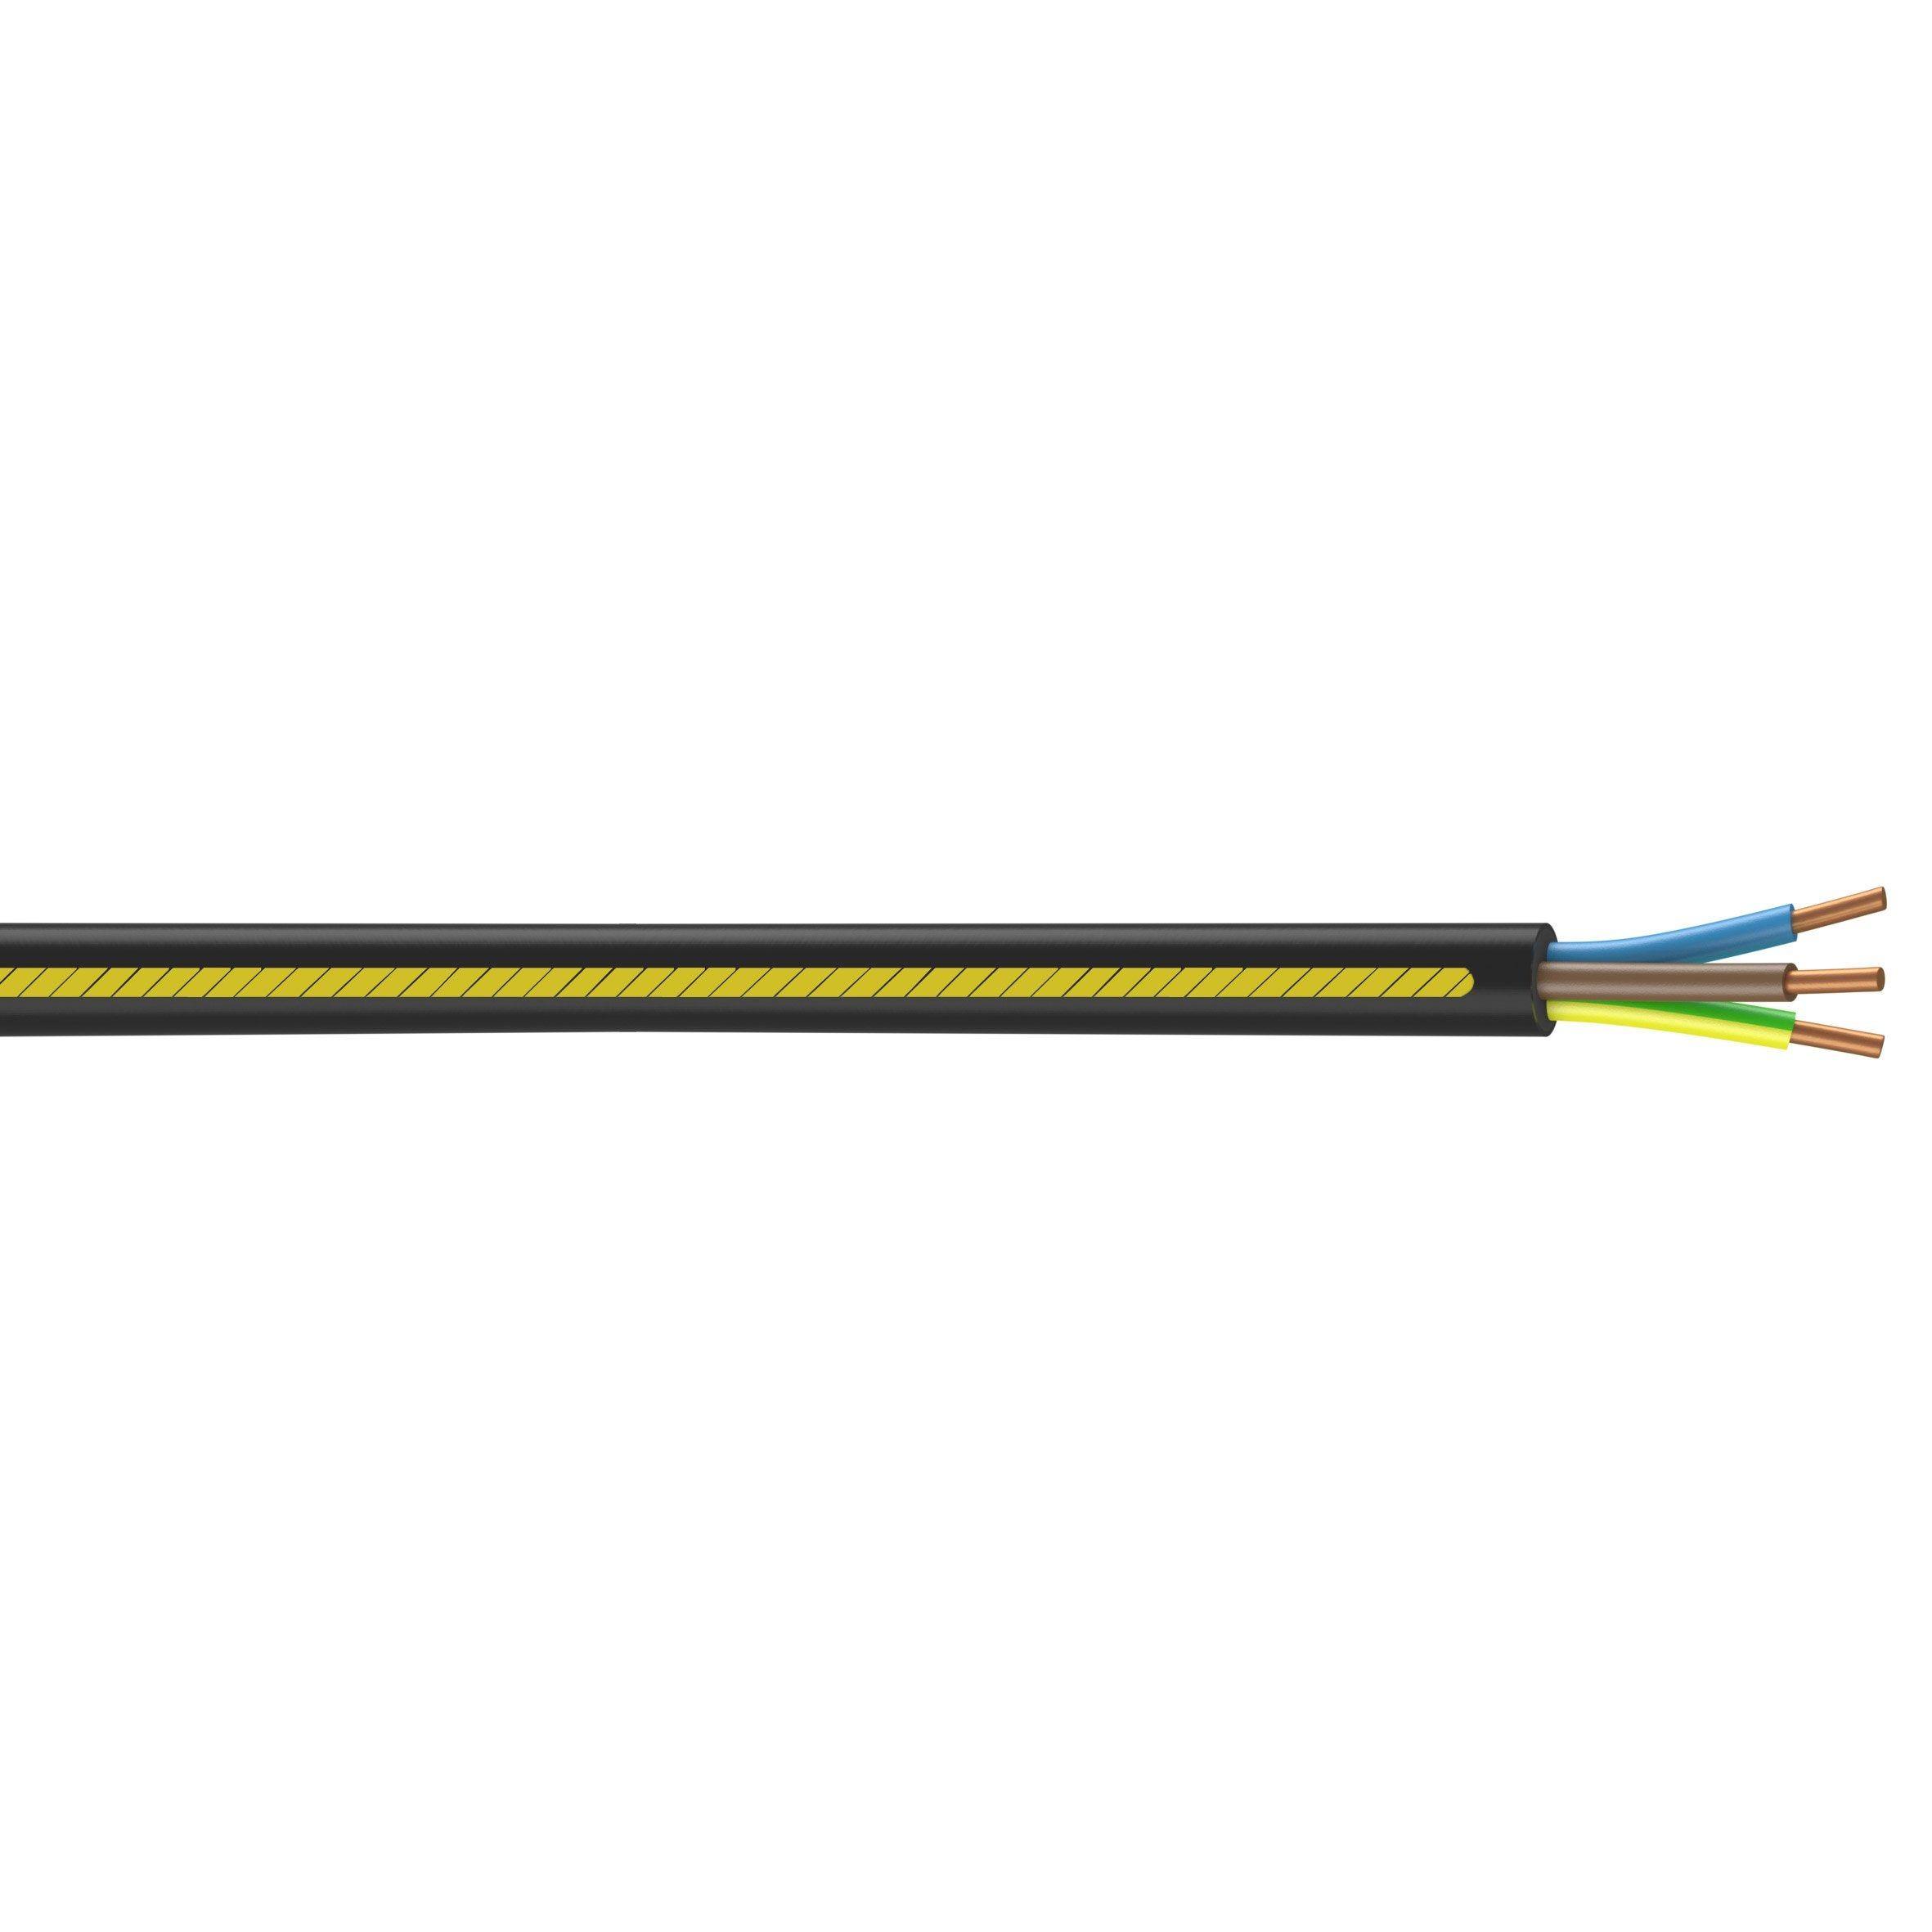 Cable Electrique U1000r2v Noir L 100 M 2 5 Mm Nexans Cable Electrique Circuit Electrique Et Electrique